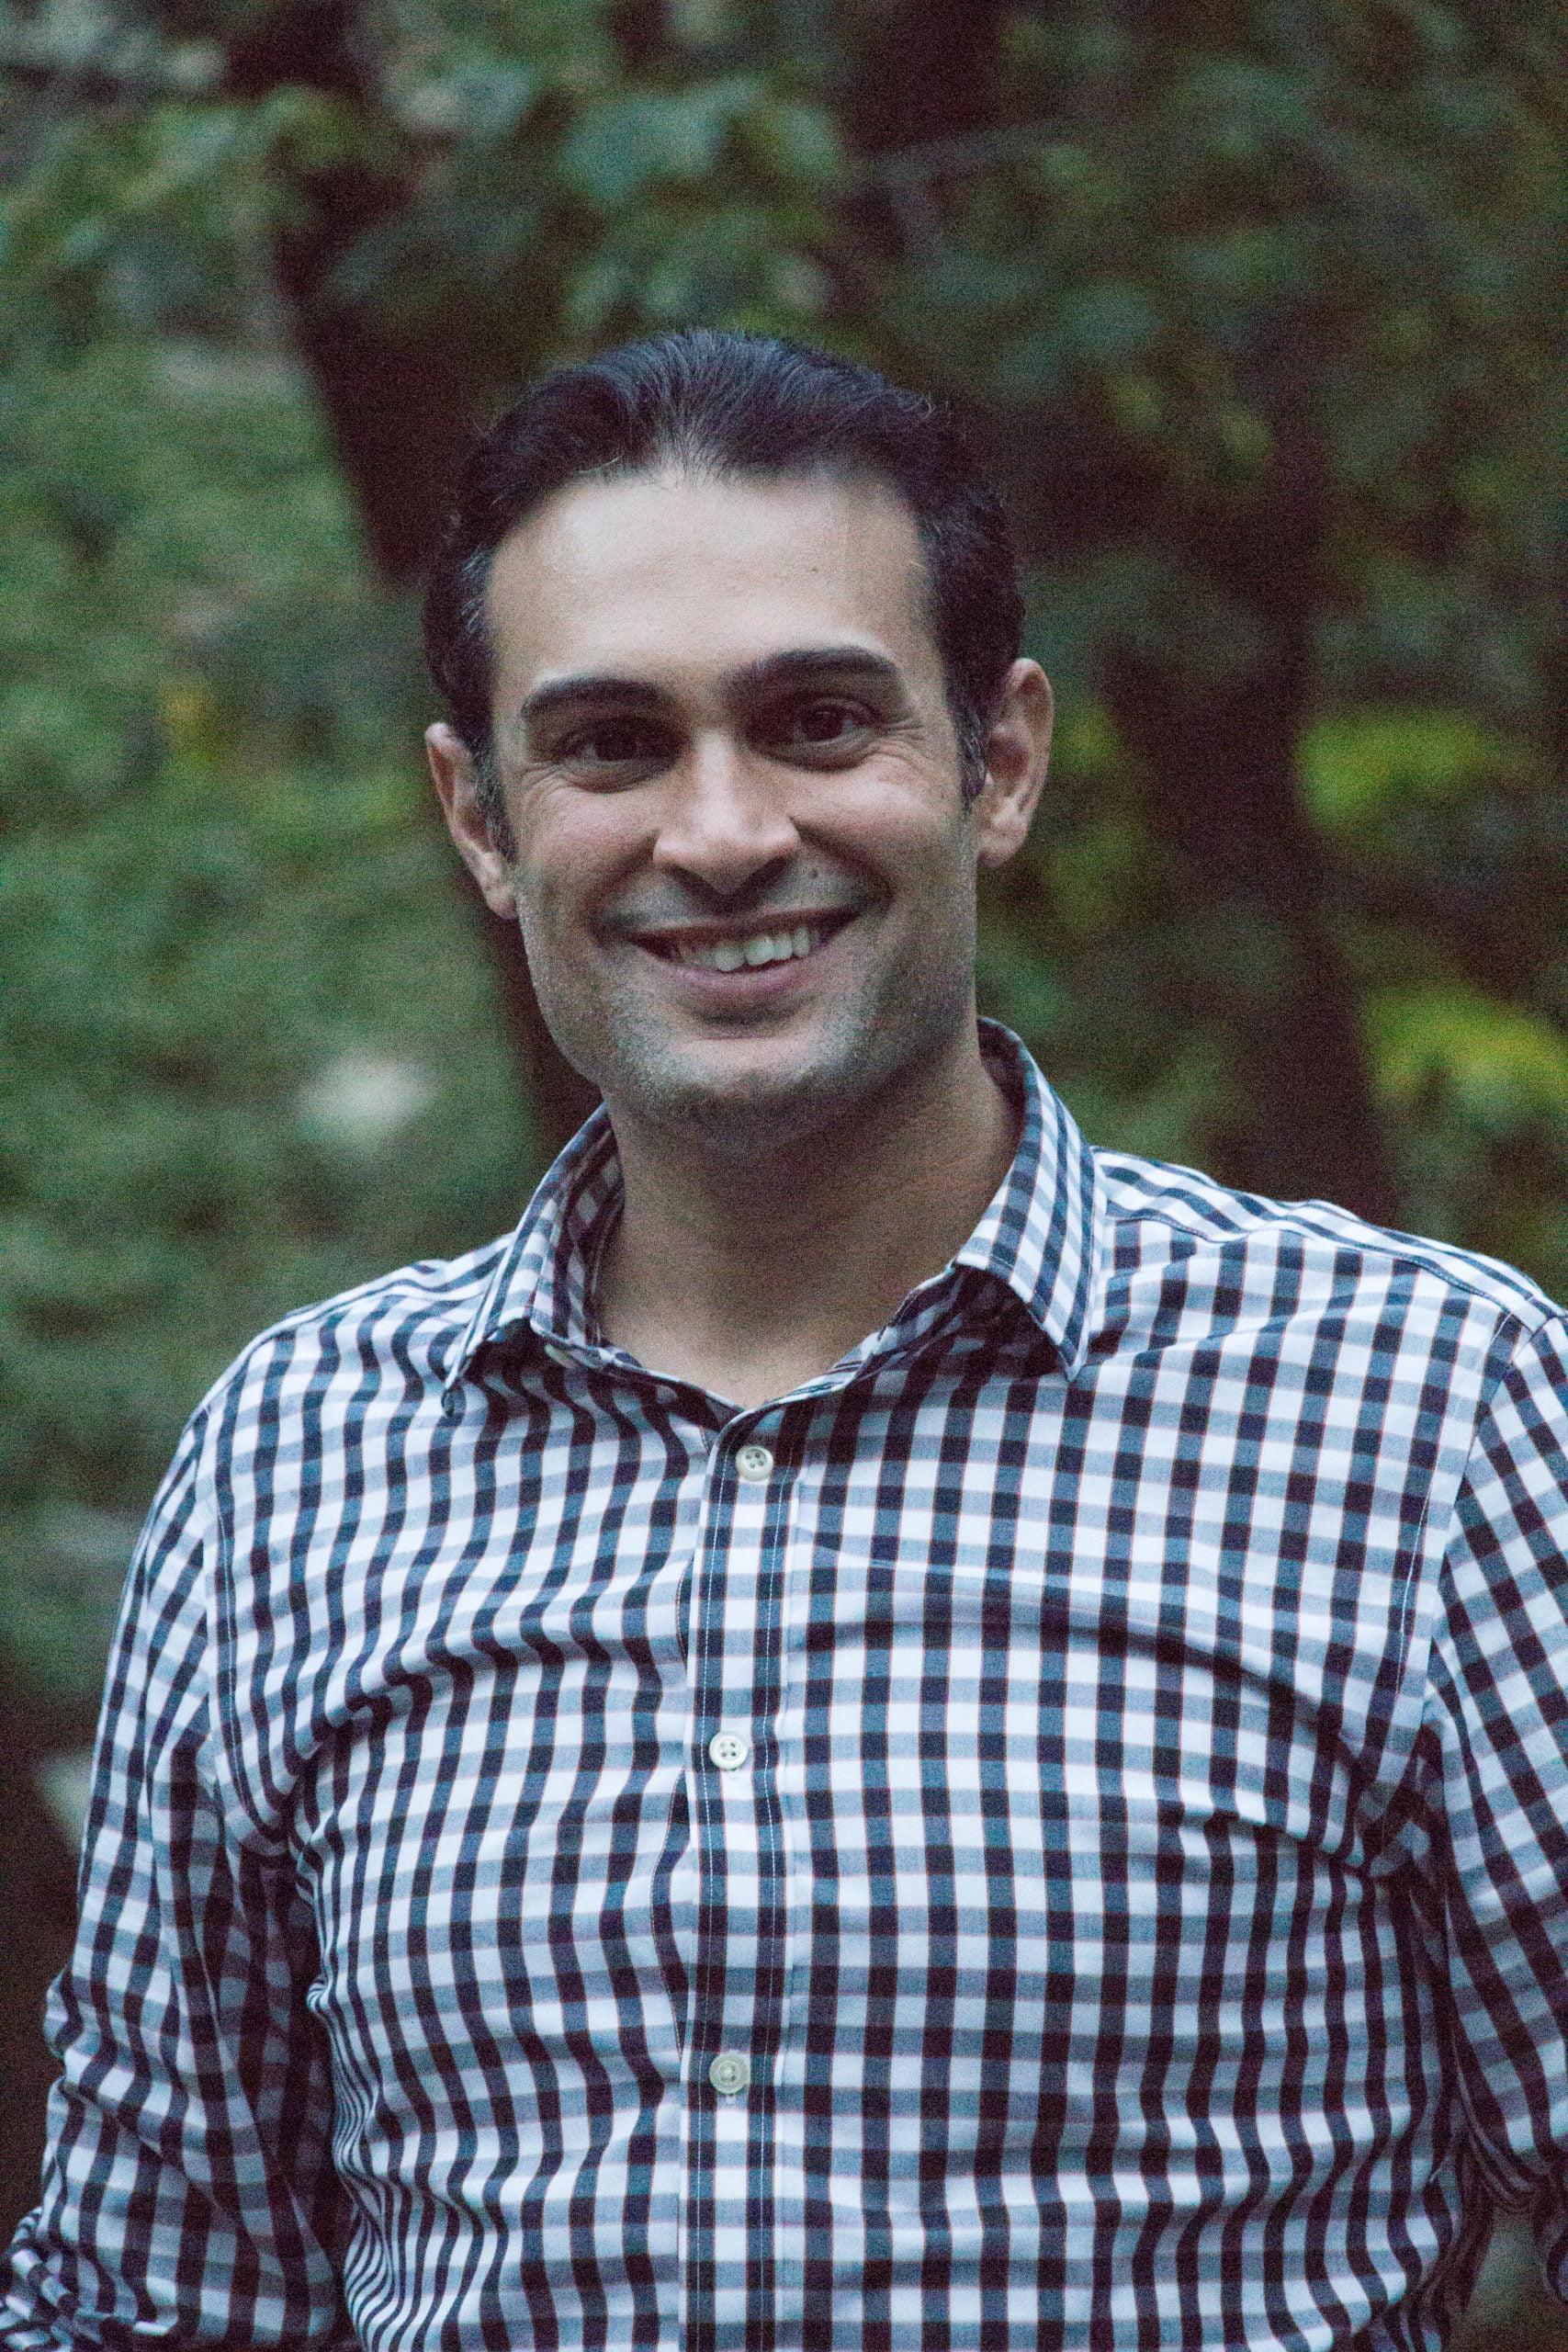 David Fahmy